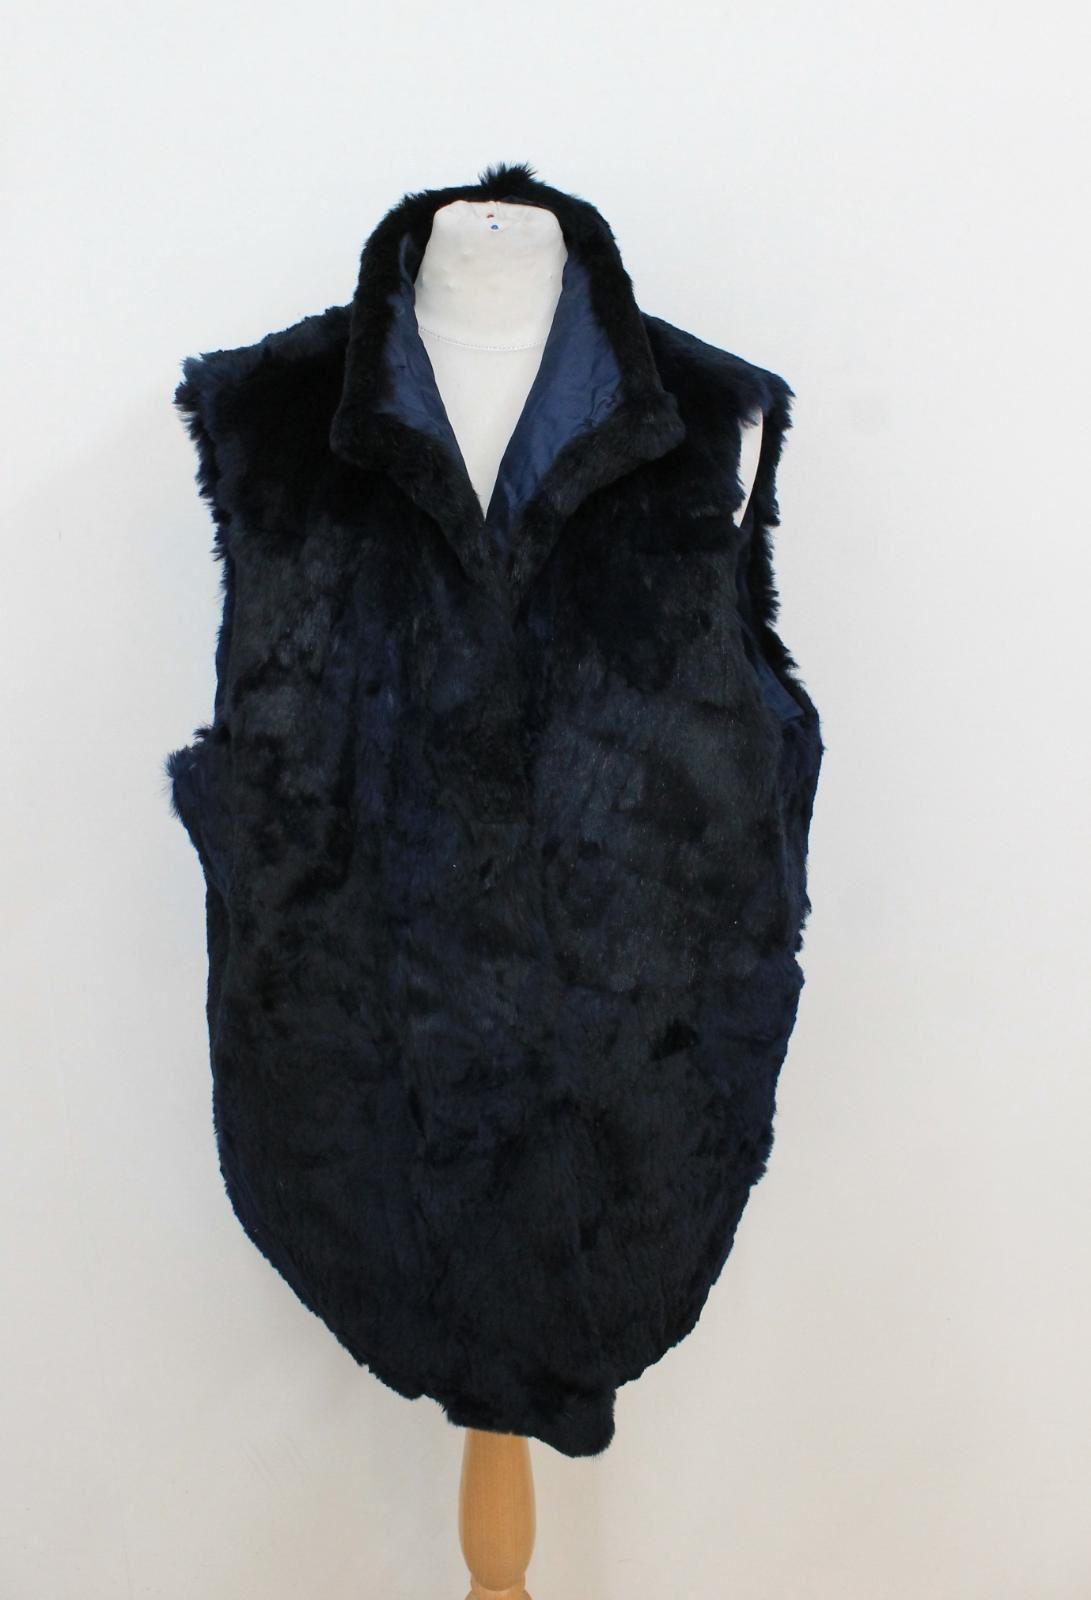 di Gilet vera con in da donna scuro in L coniglio cappuccio pelliccia Gilet pelliccia blu SqXHBwv